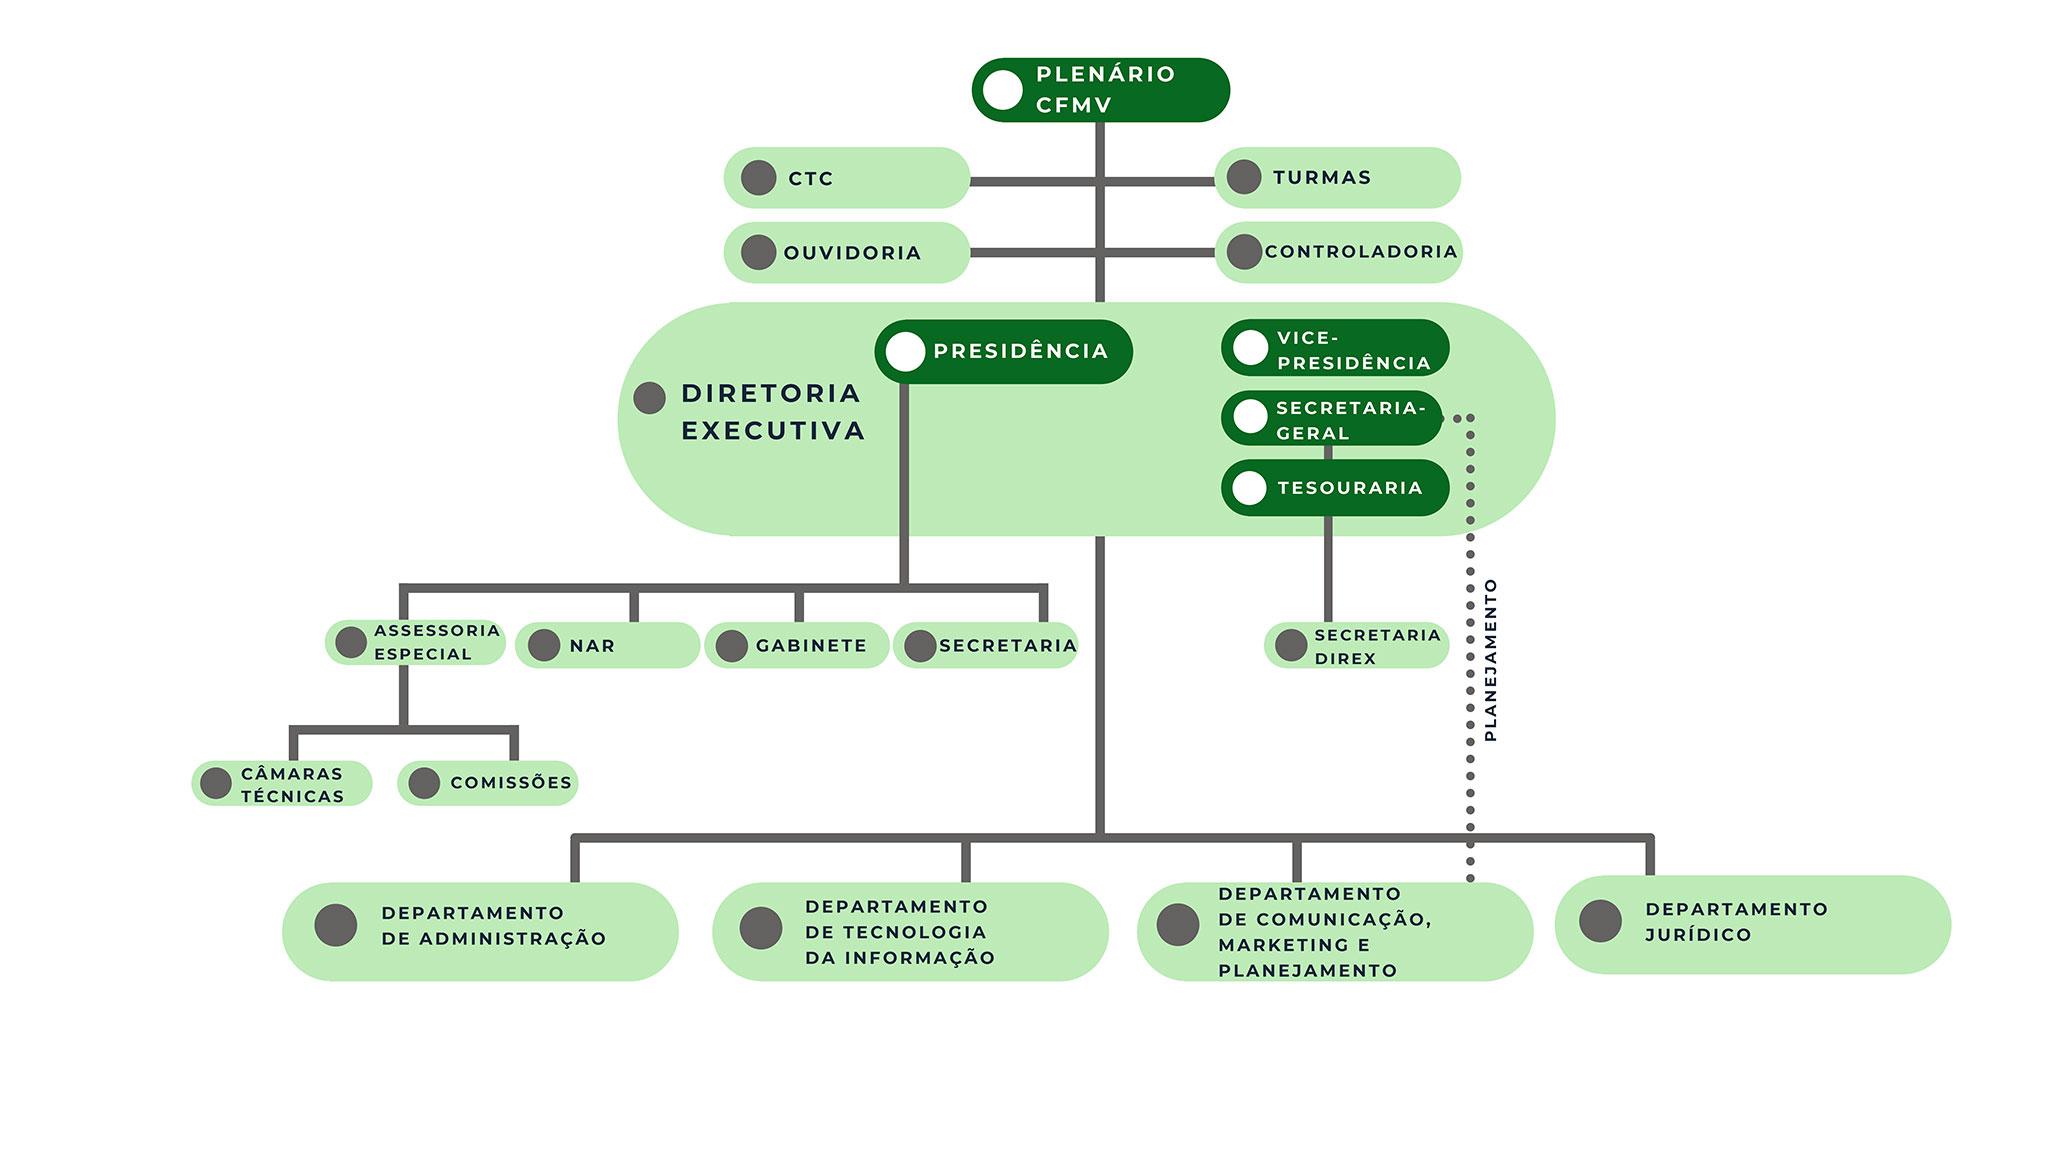 Organograma de acordo com aResolução 1401/2021